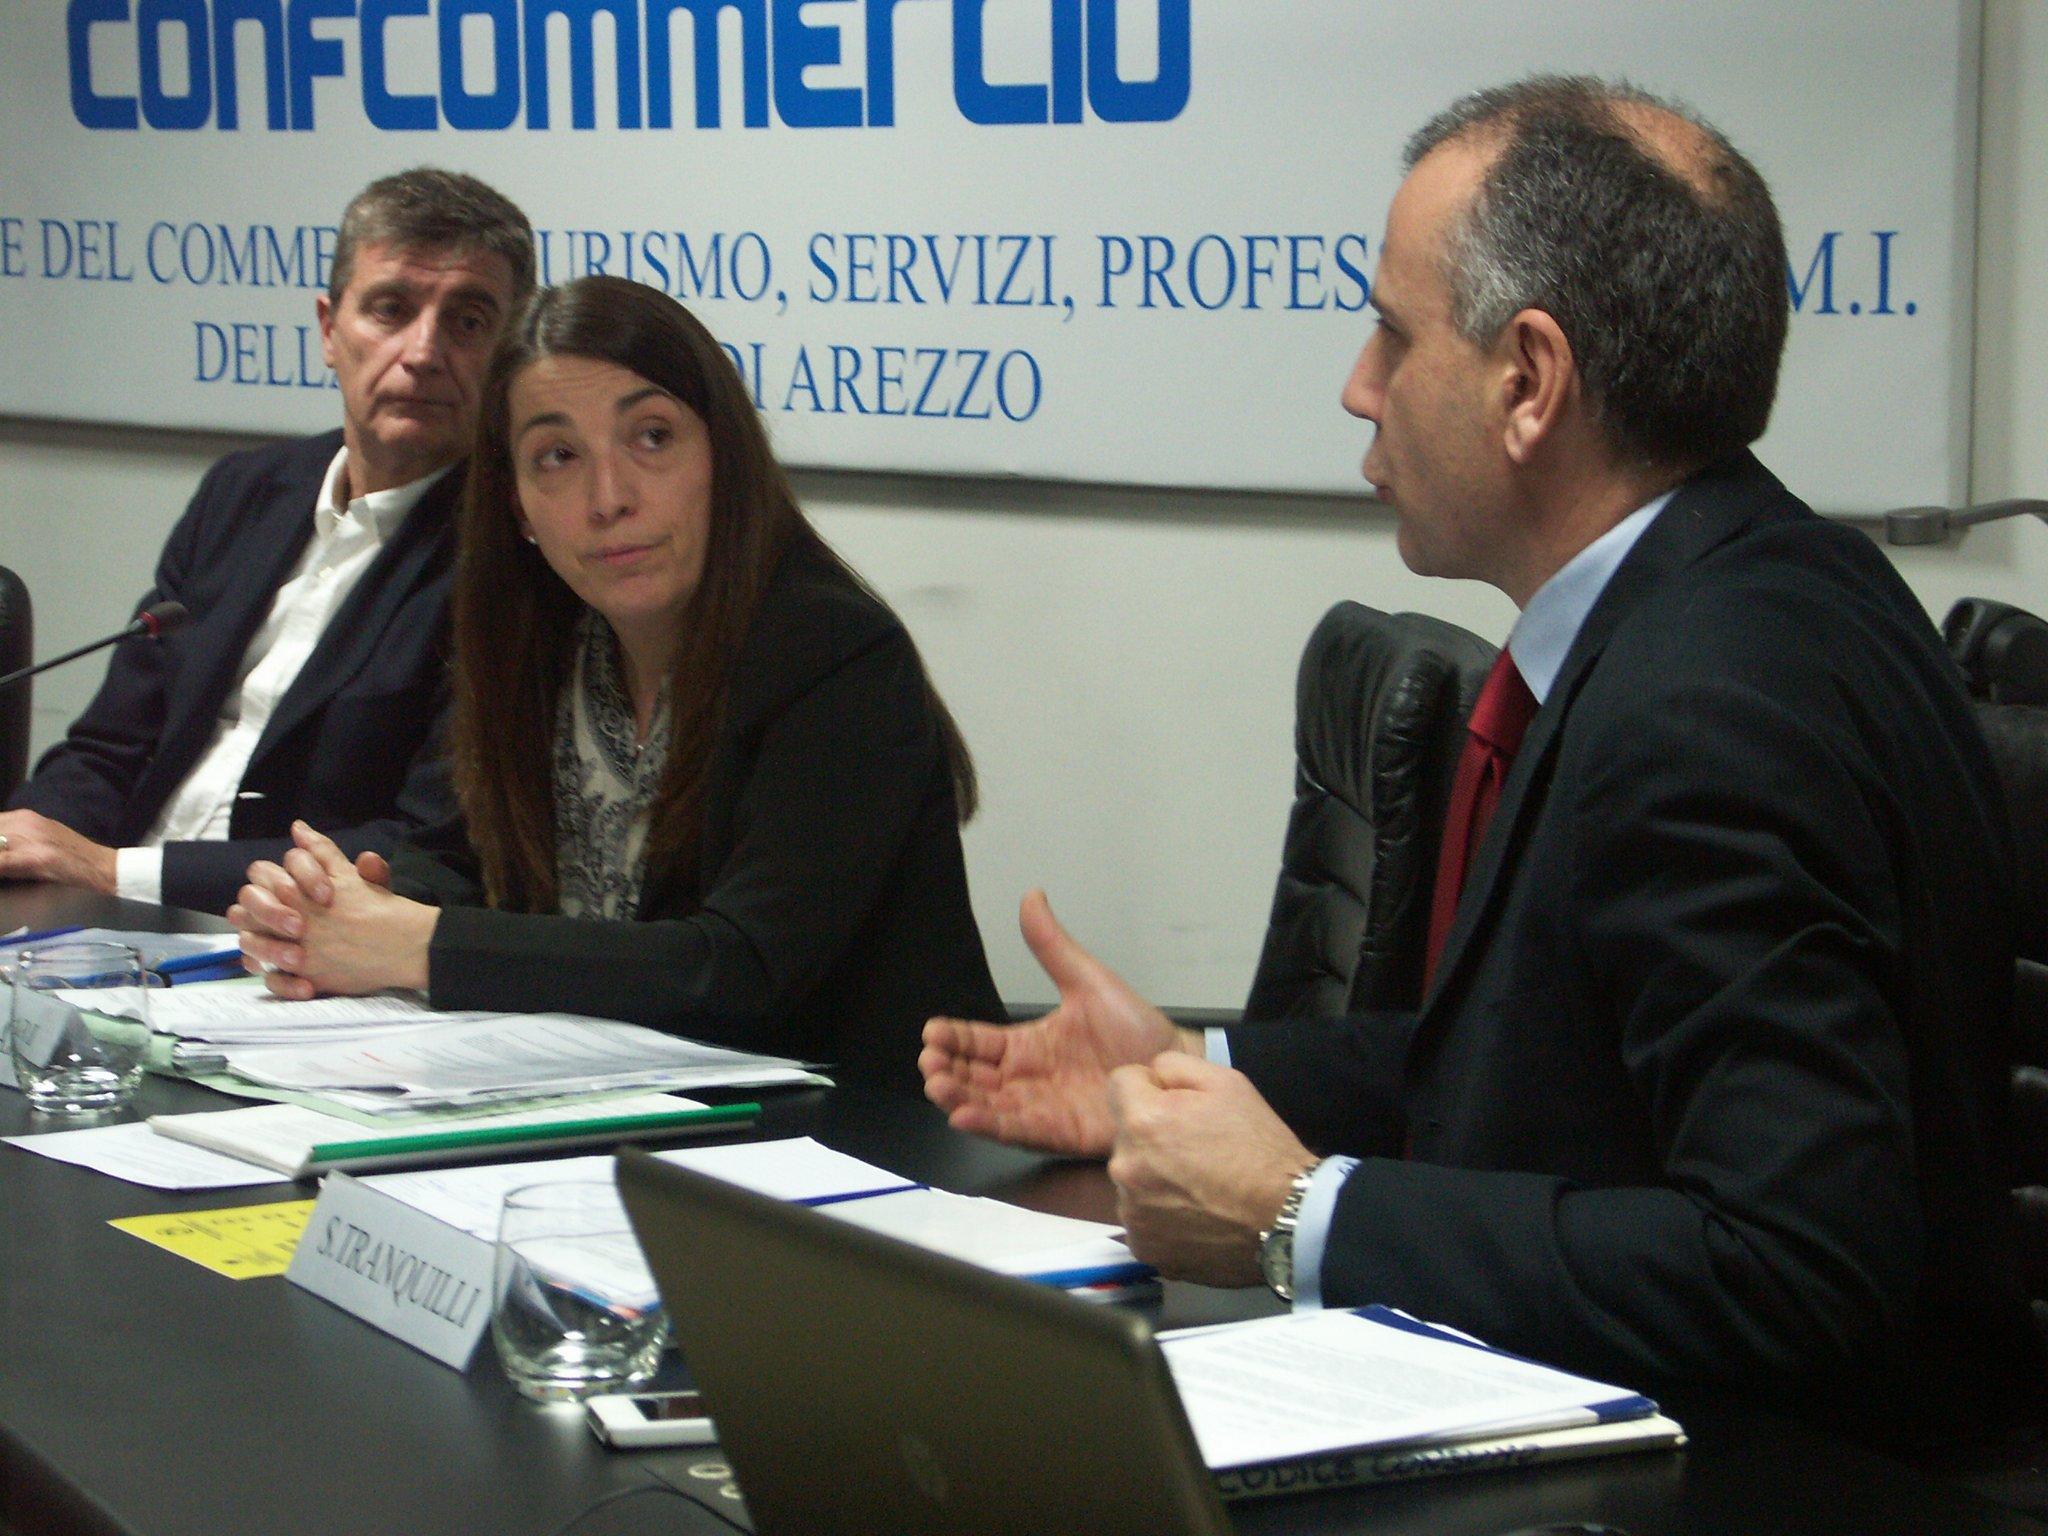 Ufficio Lavoro Arezzo : Ad arezzo l incontro sulle ultime novita legislative introdotte